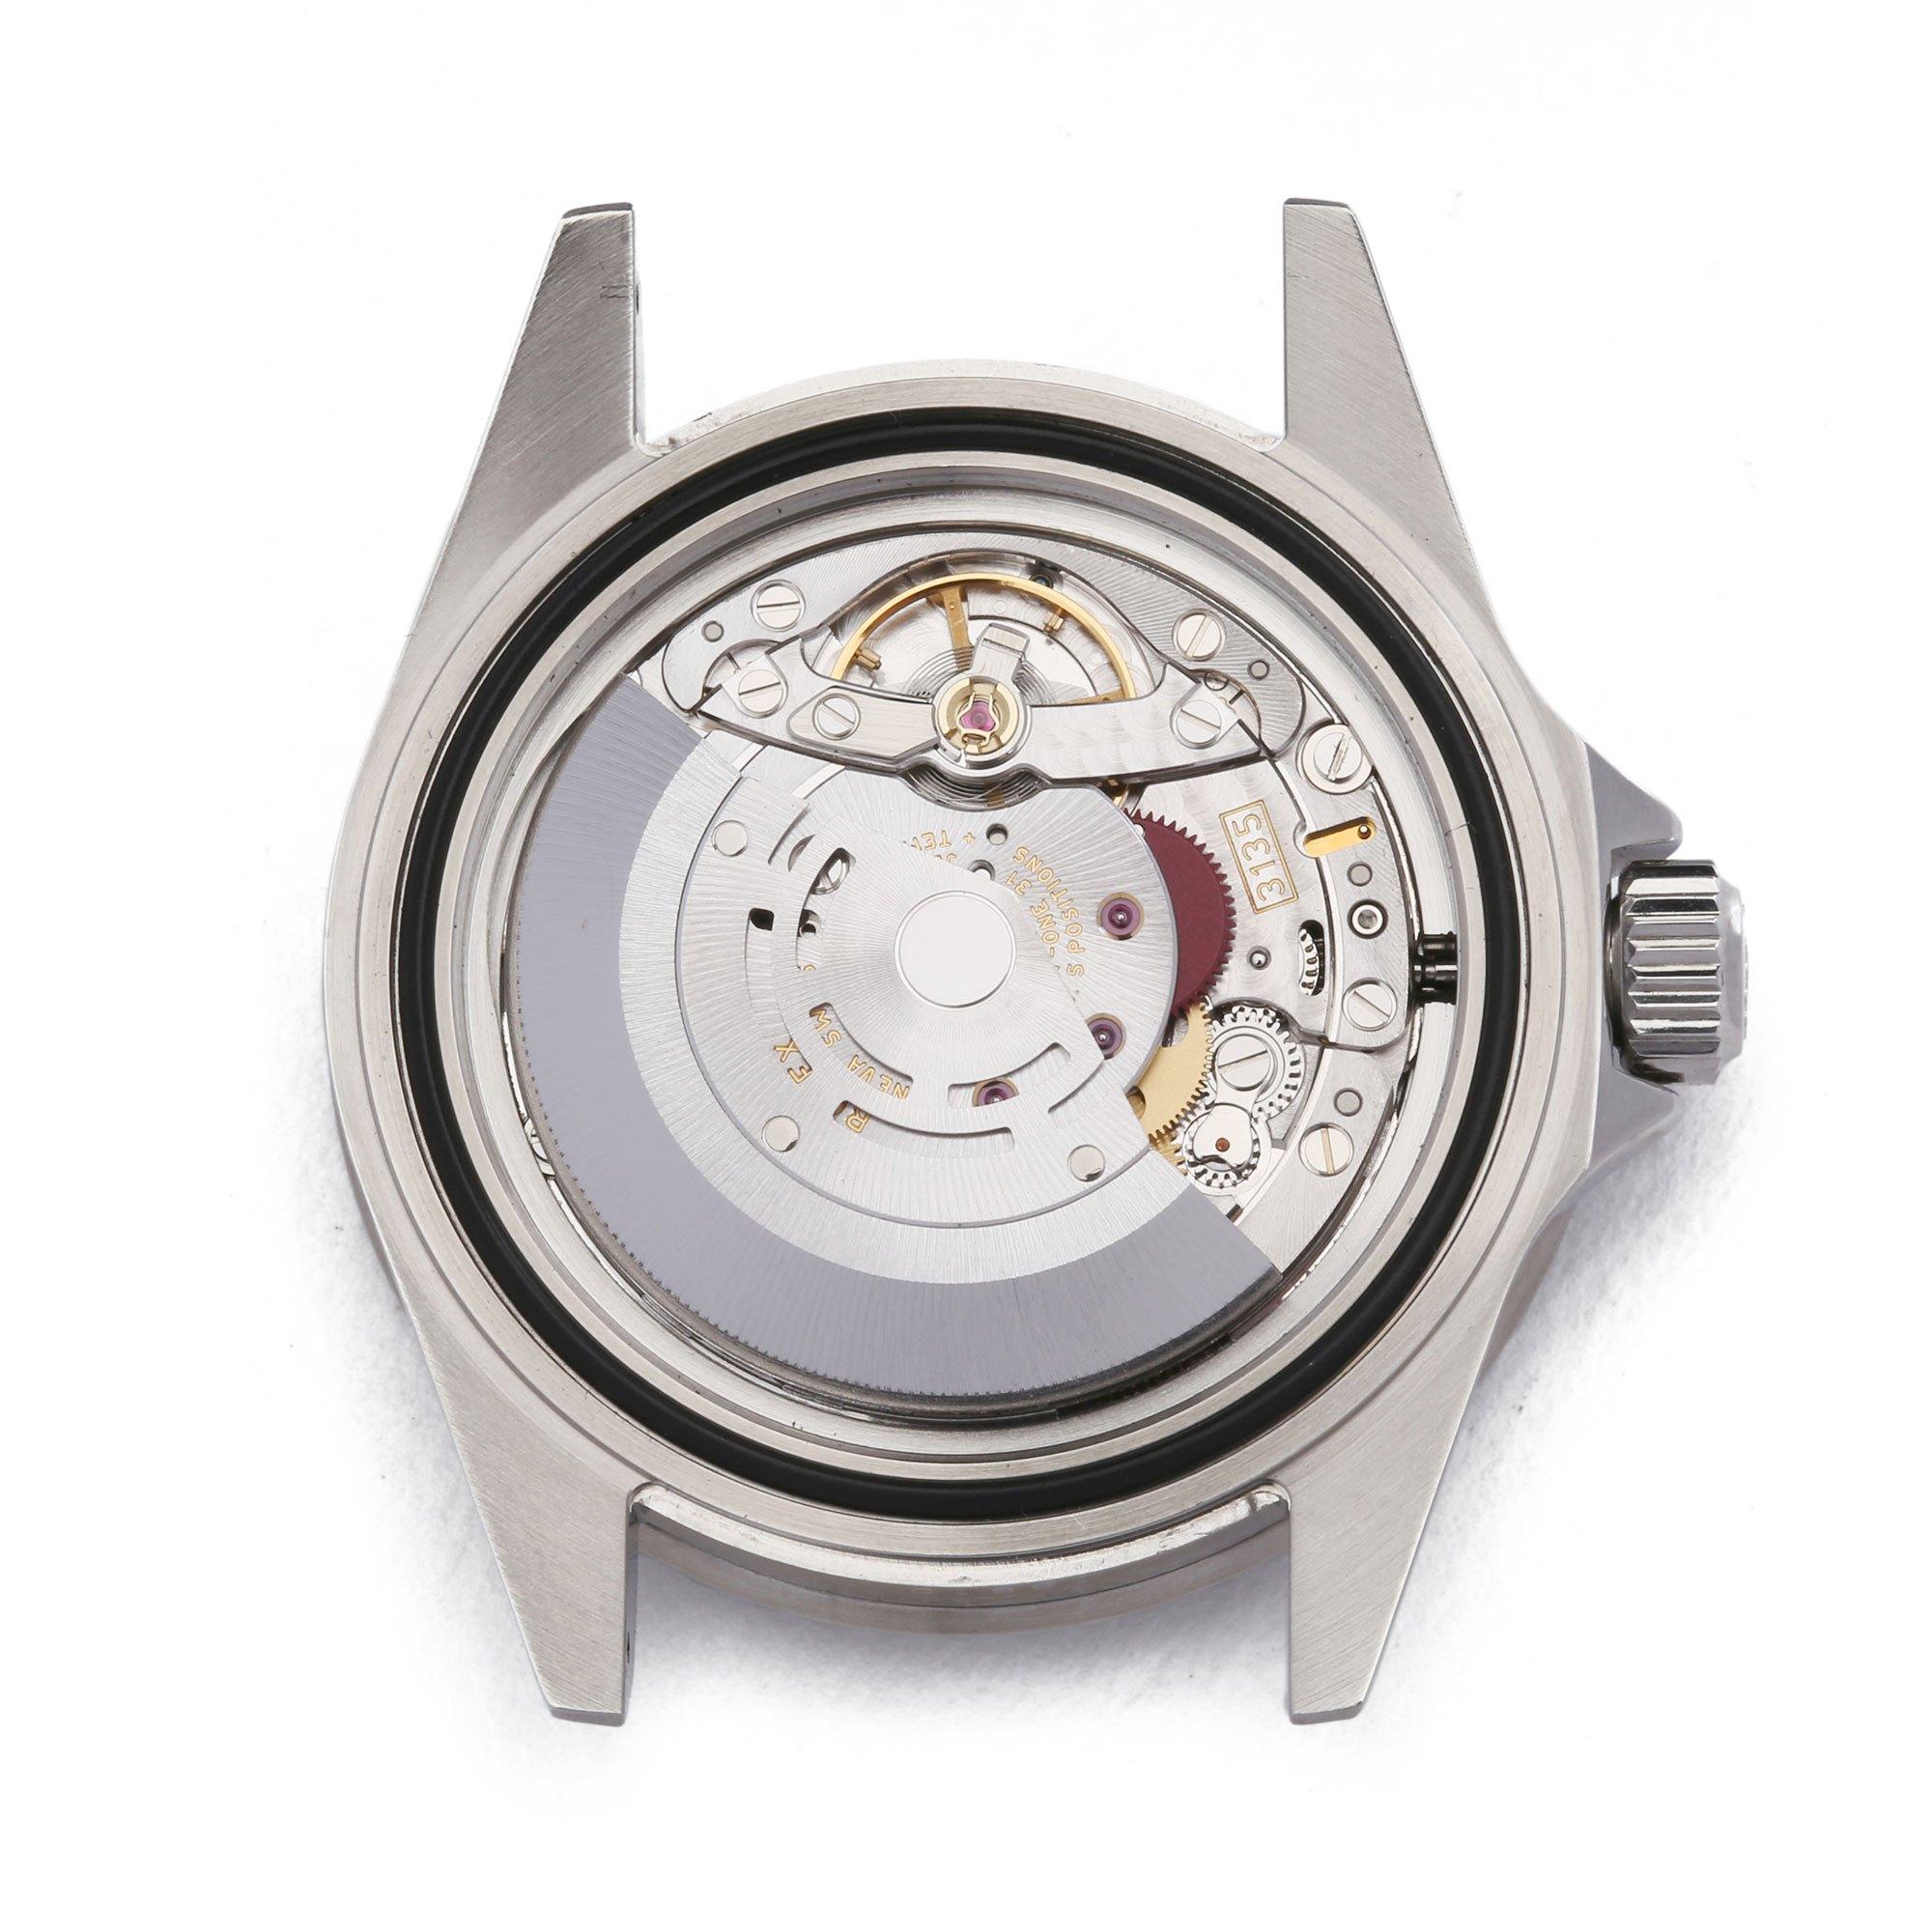 Rolex Submariner Date Kermit Stainless Steel 16610LV